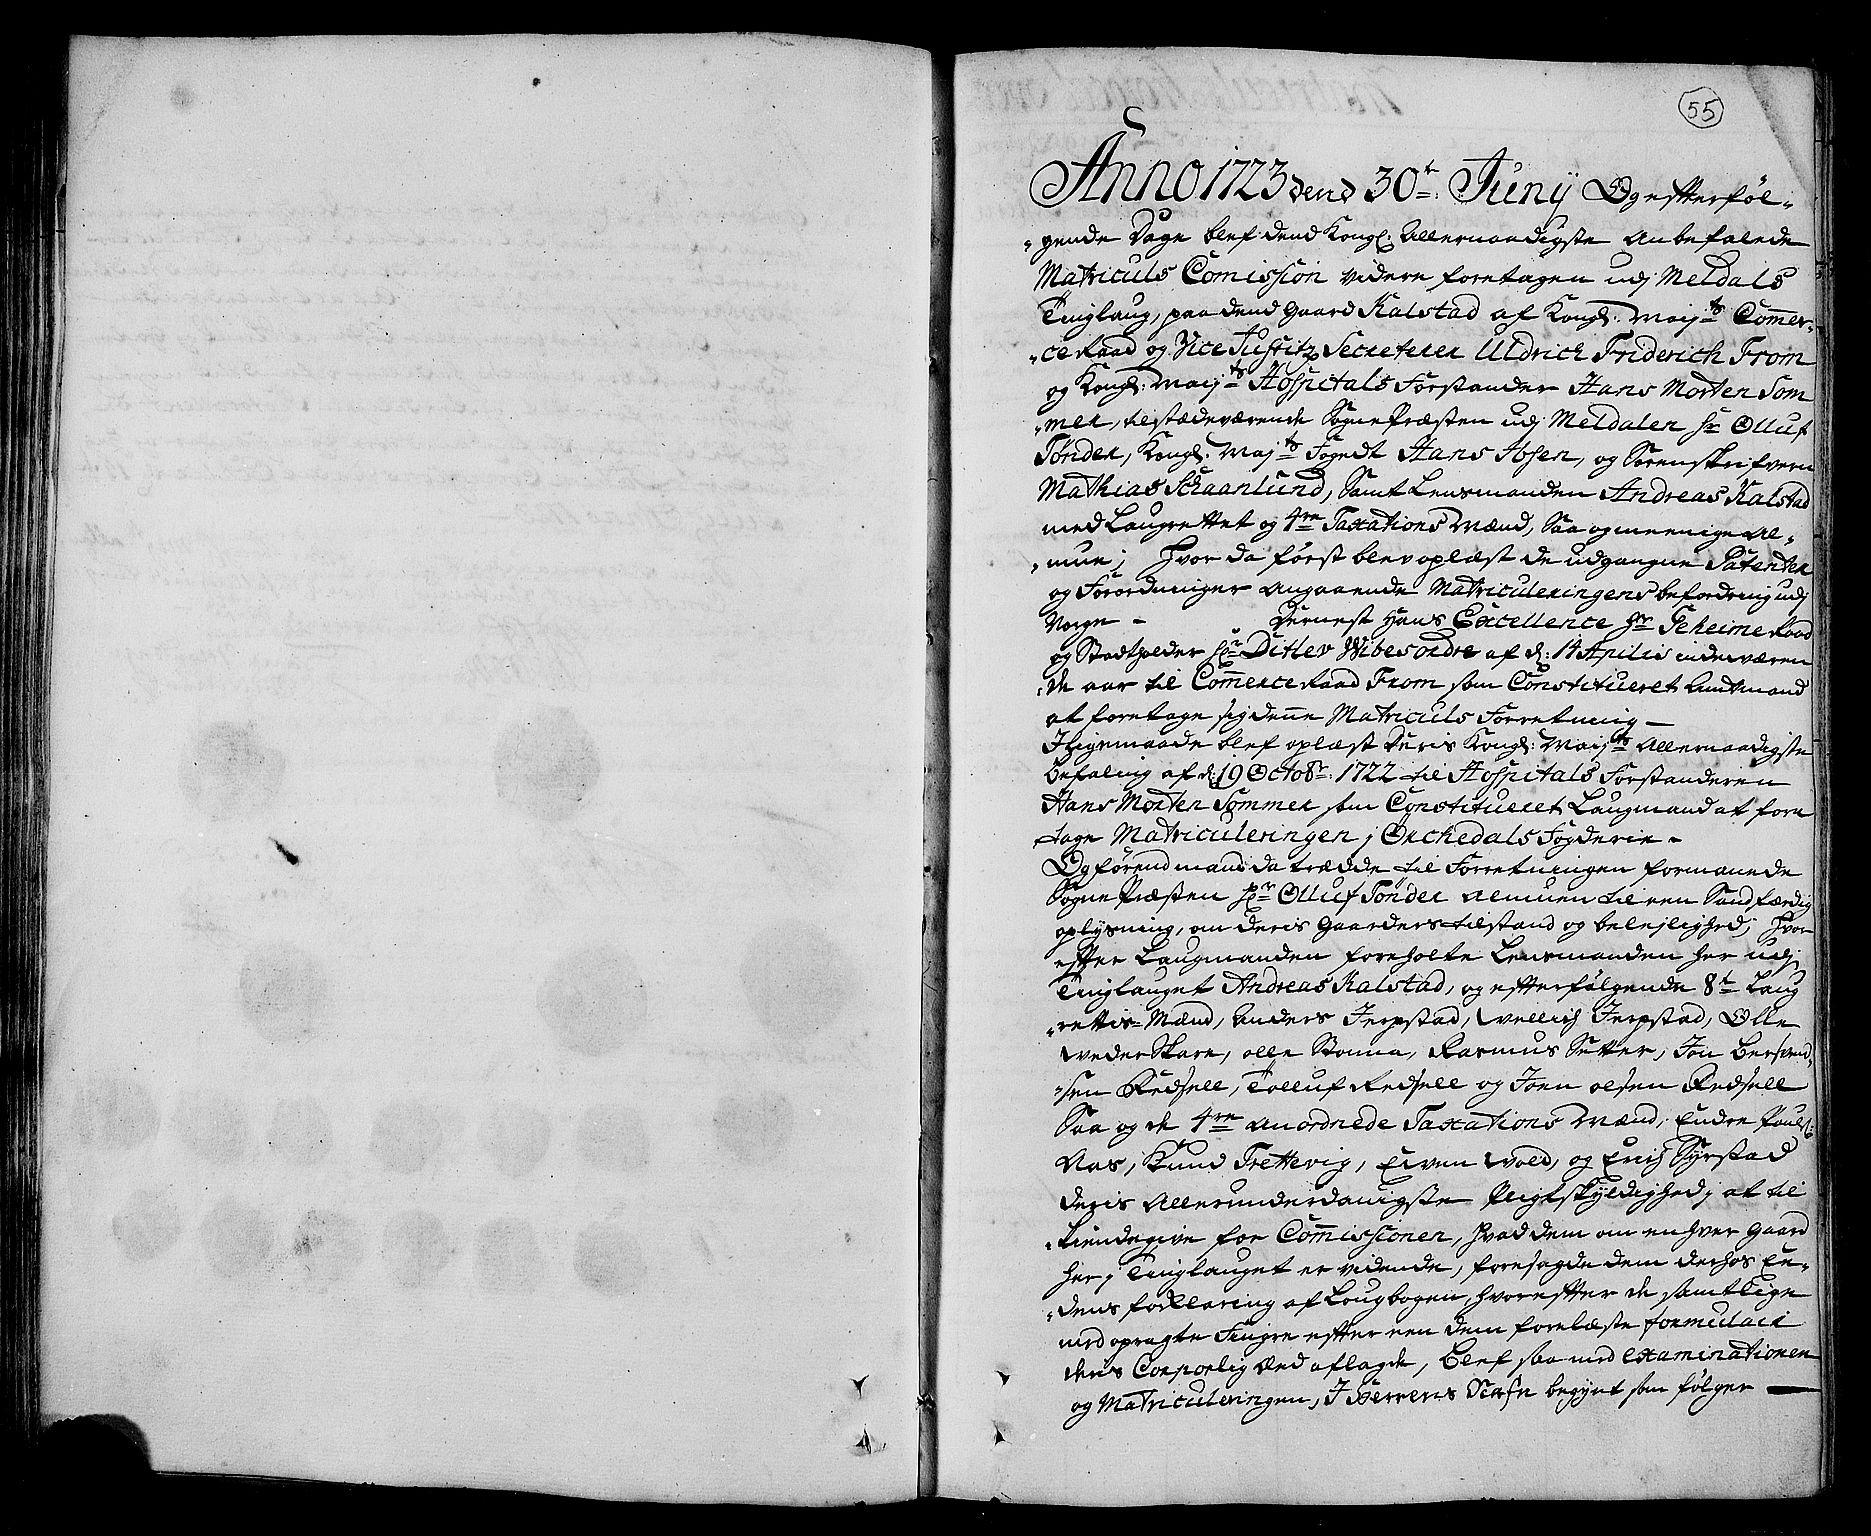 RA, Rentekammeret inntil 1814, Realistisk ordnet avdeling, N/Nb/Nbf/L0156: Orkdal eksaminasjonsprotokoll, 1723, s. 54b-55a